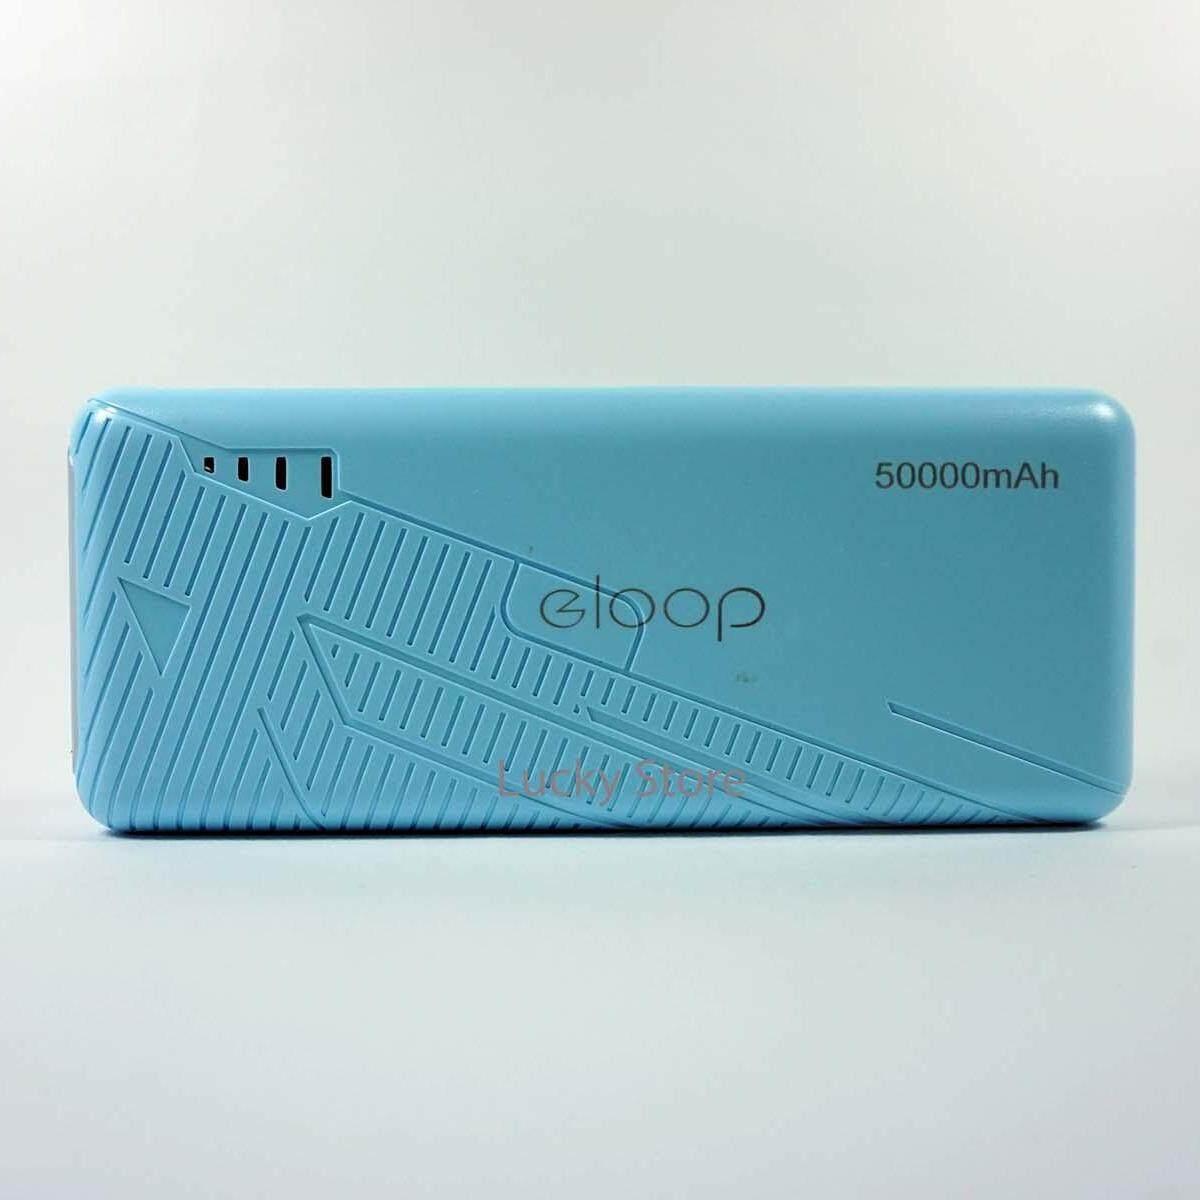 Eloop แบตสำรอง พาวเวอร์แบงค์ ที่ชาร์ตแบตสํารอง ชาร์จเร็วมาก 50000 mAh - (สีฟ้ามีไฟฉาย)